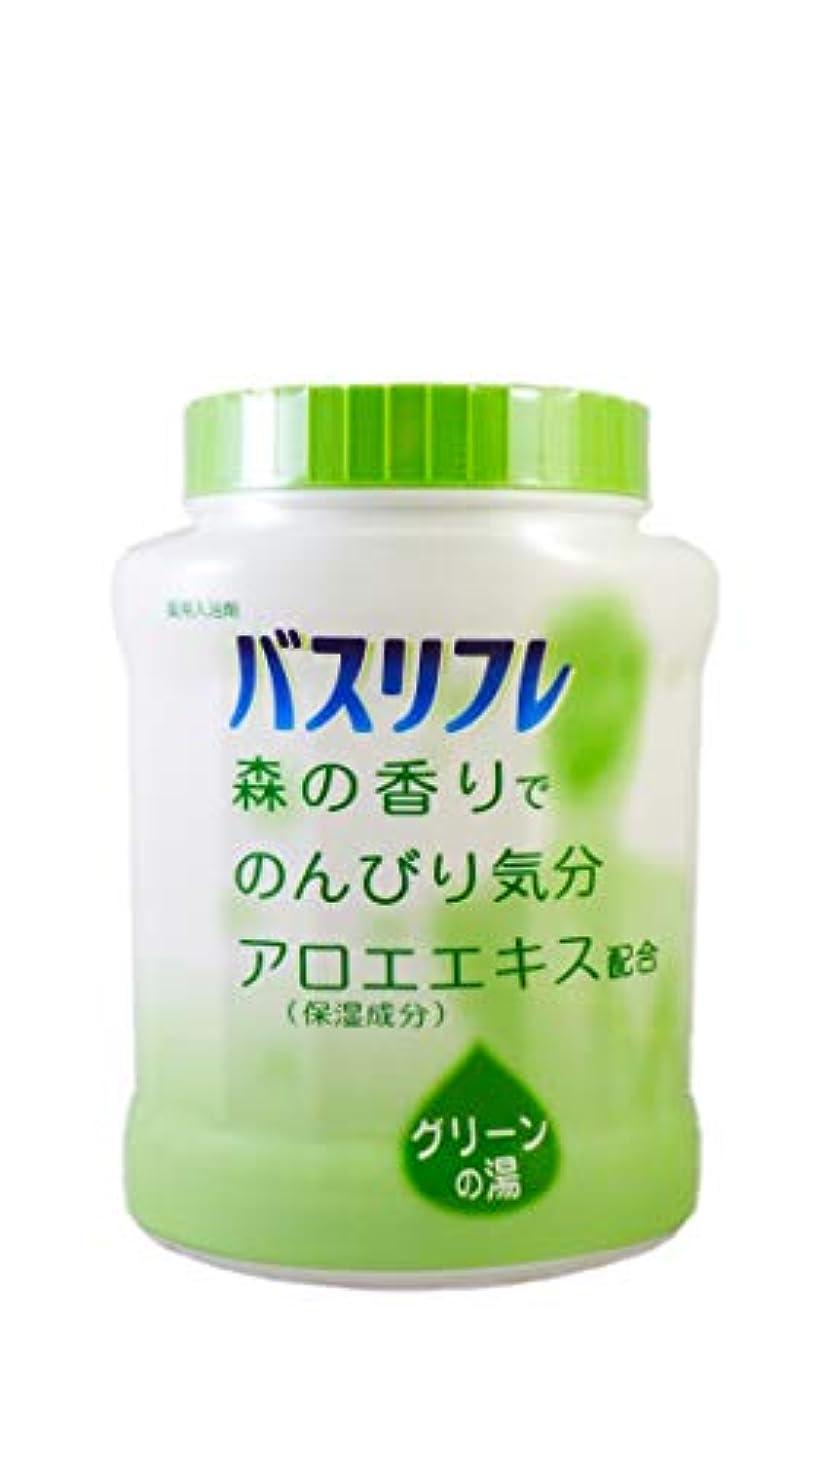 シャツ素晴らしい良い多くのリストバスリフレ 薬用入浴剤 グリーンの湯 森の香りでのんびり気分 天然保湿成分配合 医薬部外品 680g